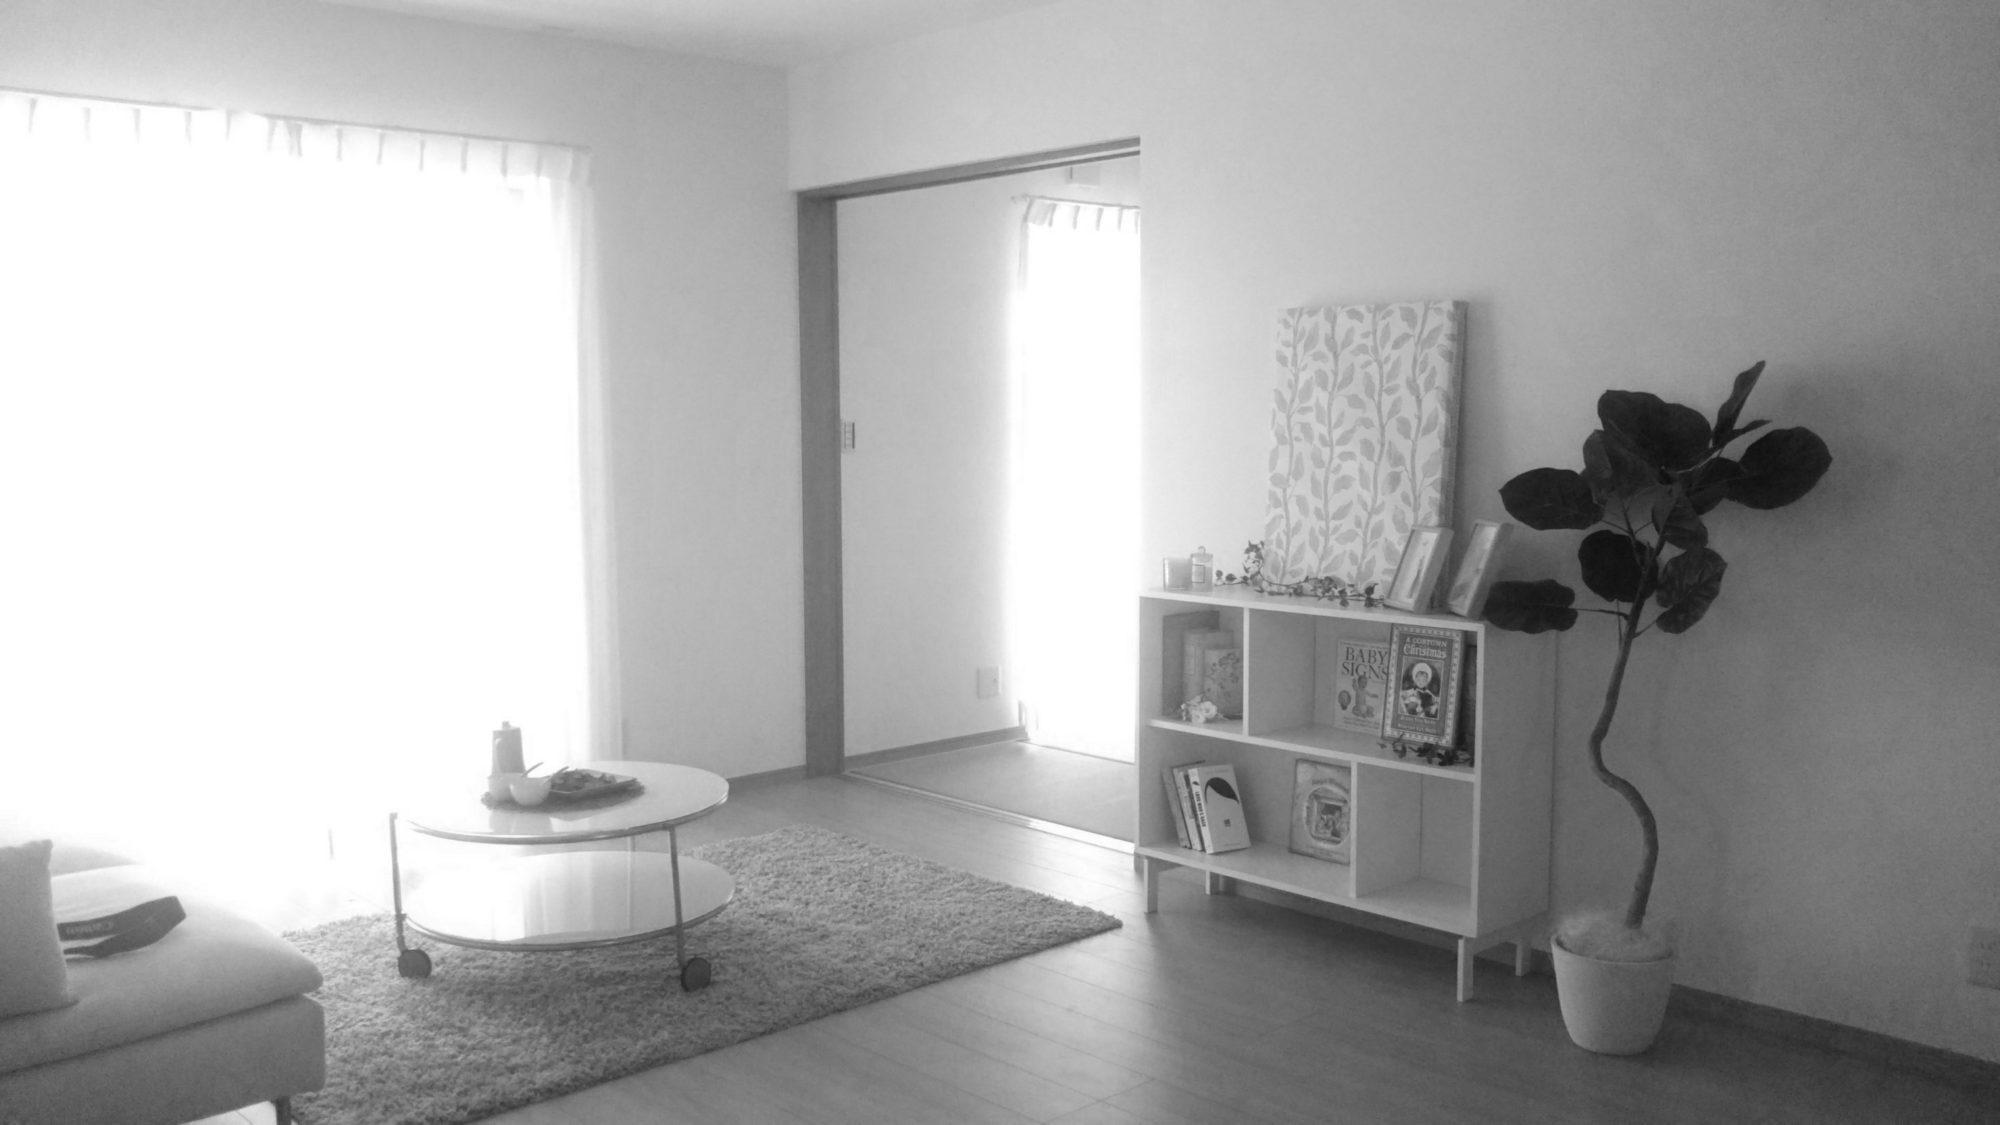 筑西市平屋住宅完成見学会の予約承りました!